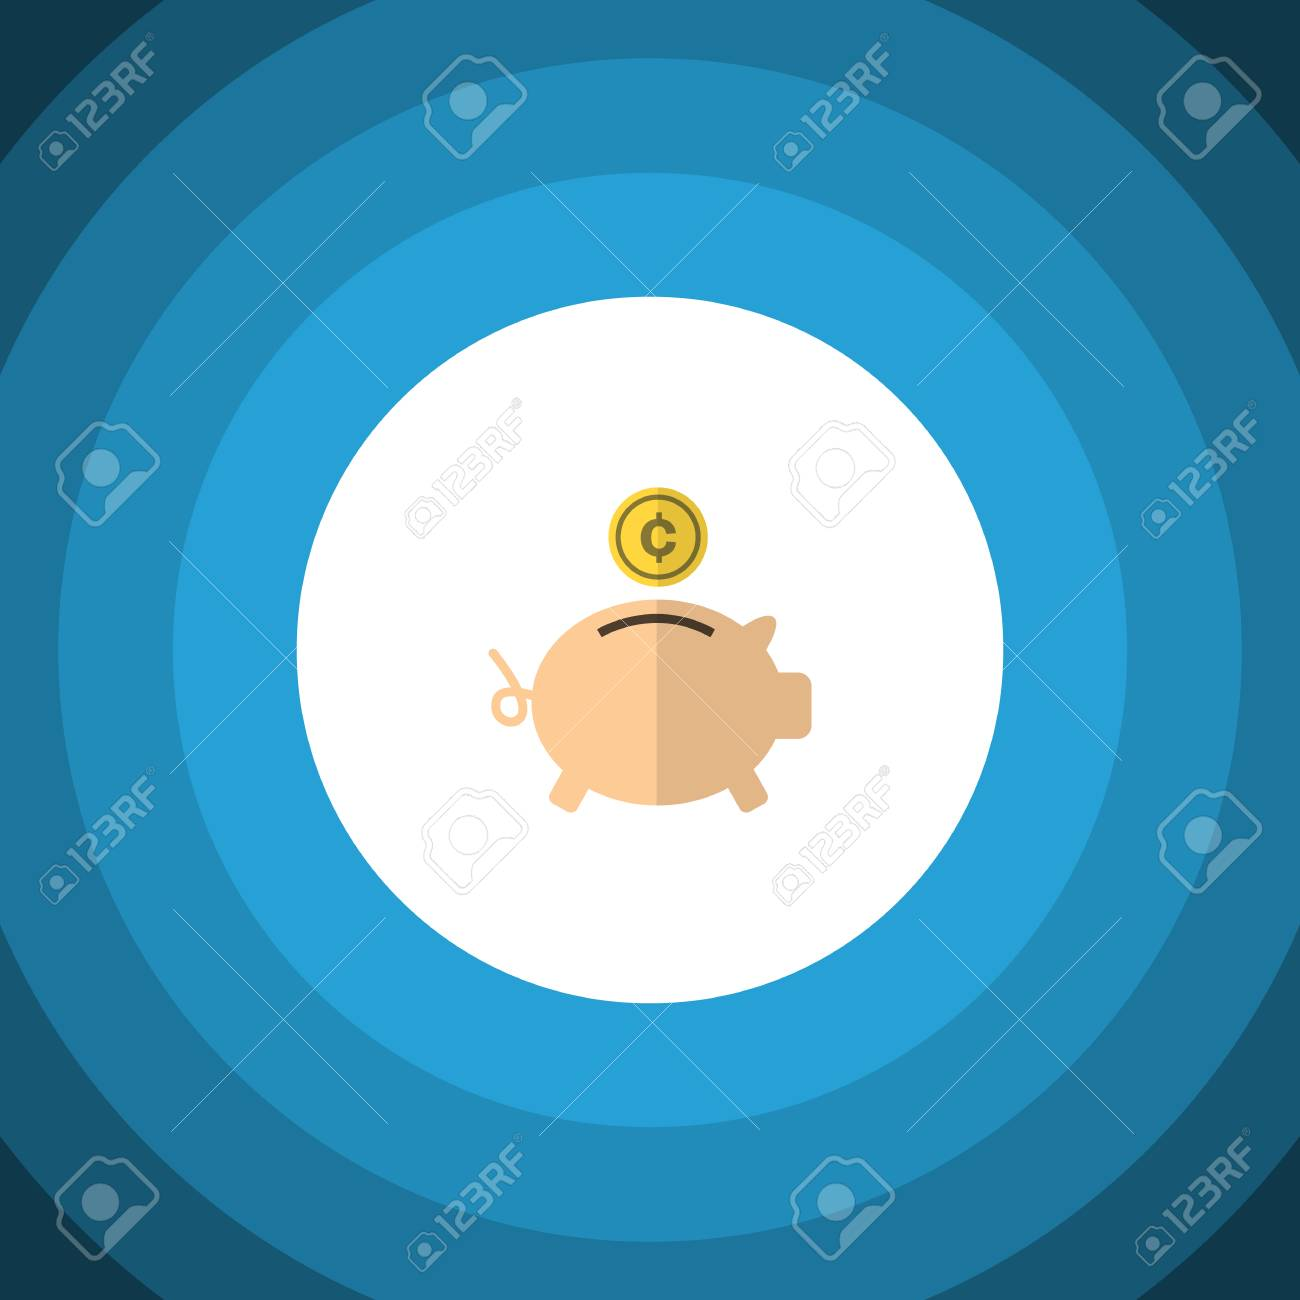 Design Bank Gebruikt.Geisoleerde Spaarvarken Platte Pictogram Spaarpot Vector Element Kan Worden Gebruikt Voor Geld Vak Bank Design Concept